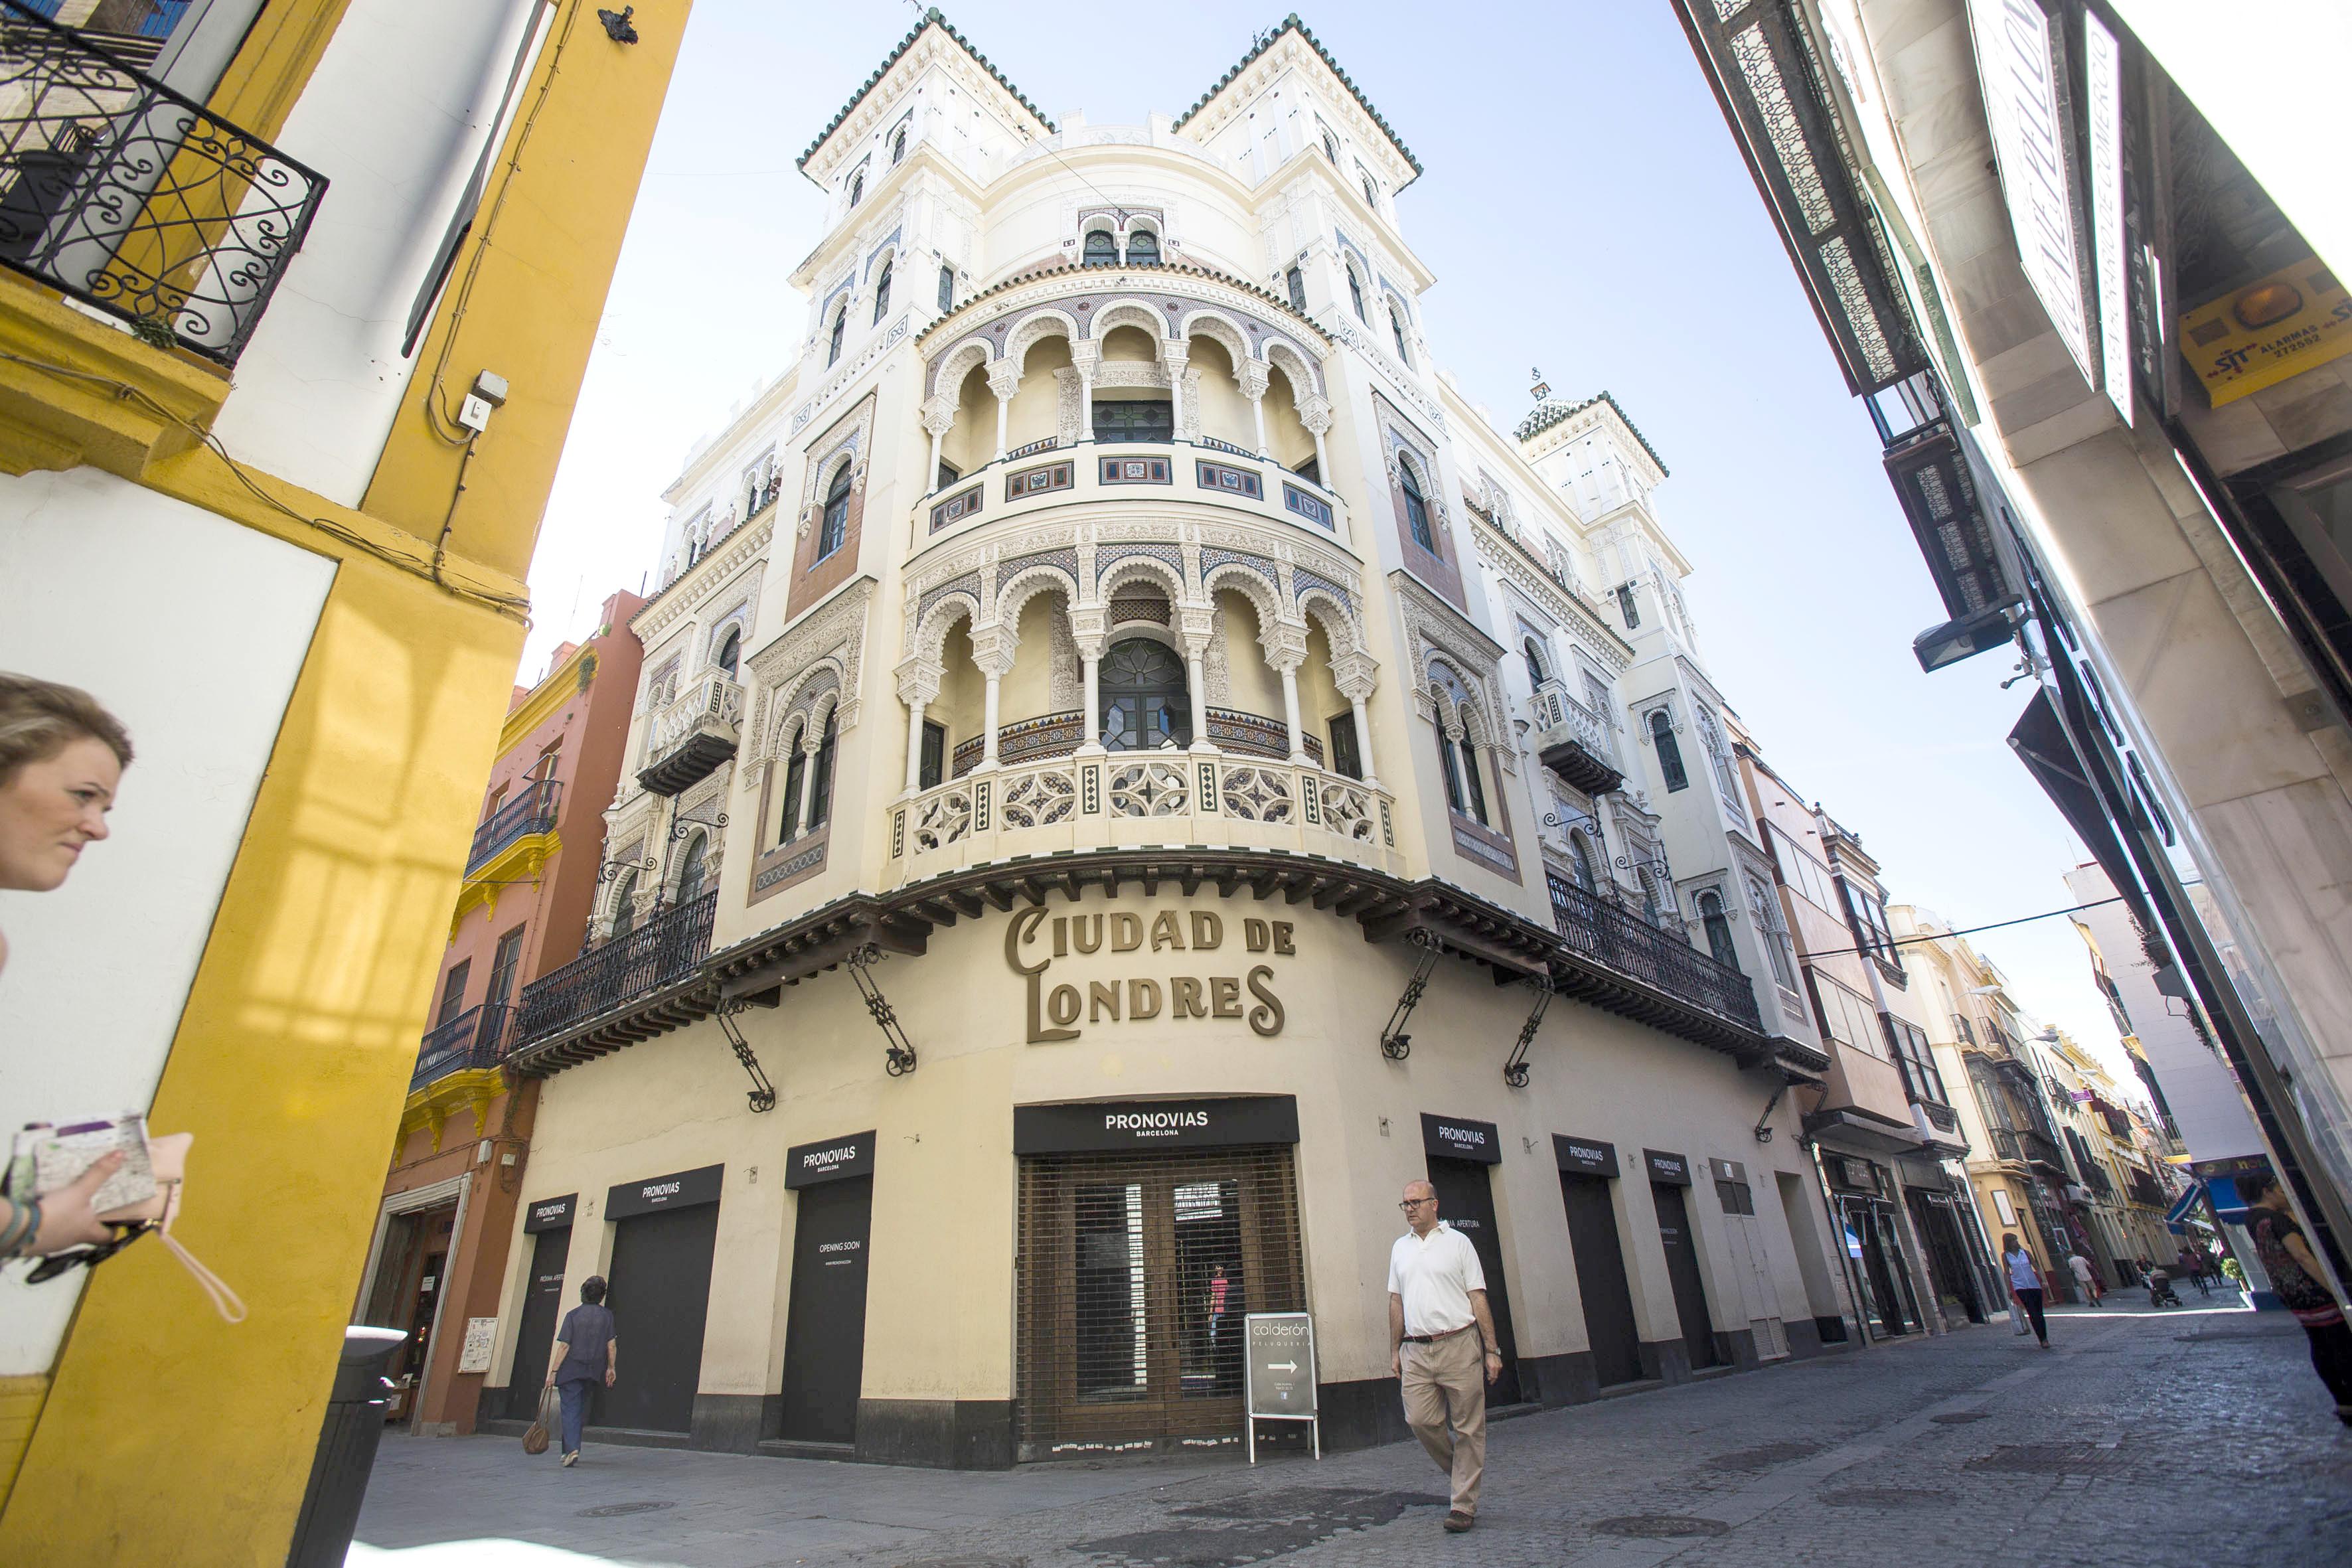 El edificio, de 1914 y obra del arquitecto José Espiau y Muñoz, ubicado en la calle Cuna esquina con Cerrajería. / CARLOS HERNÁNDEZ